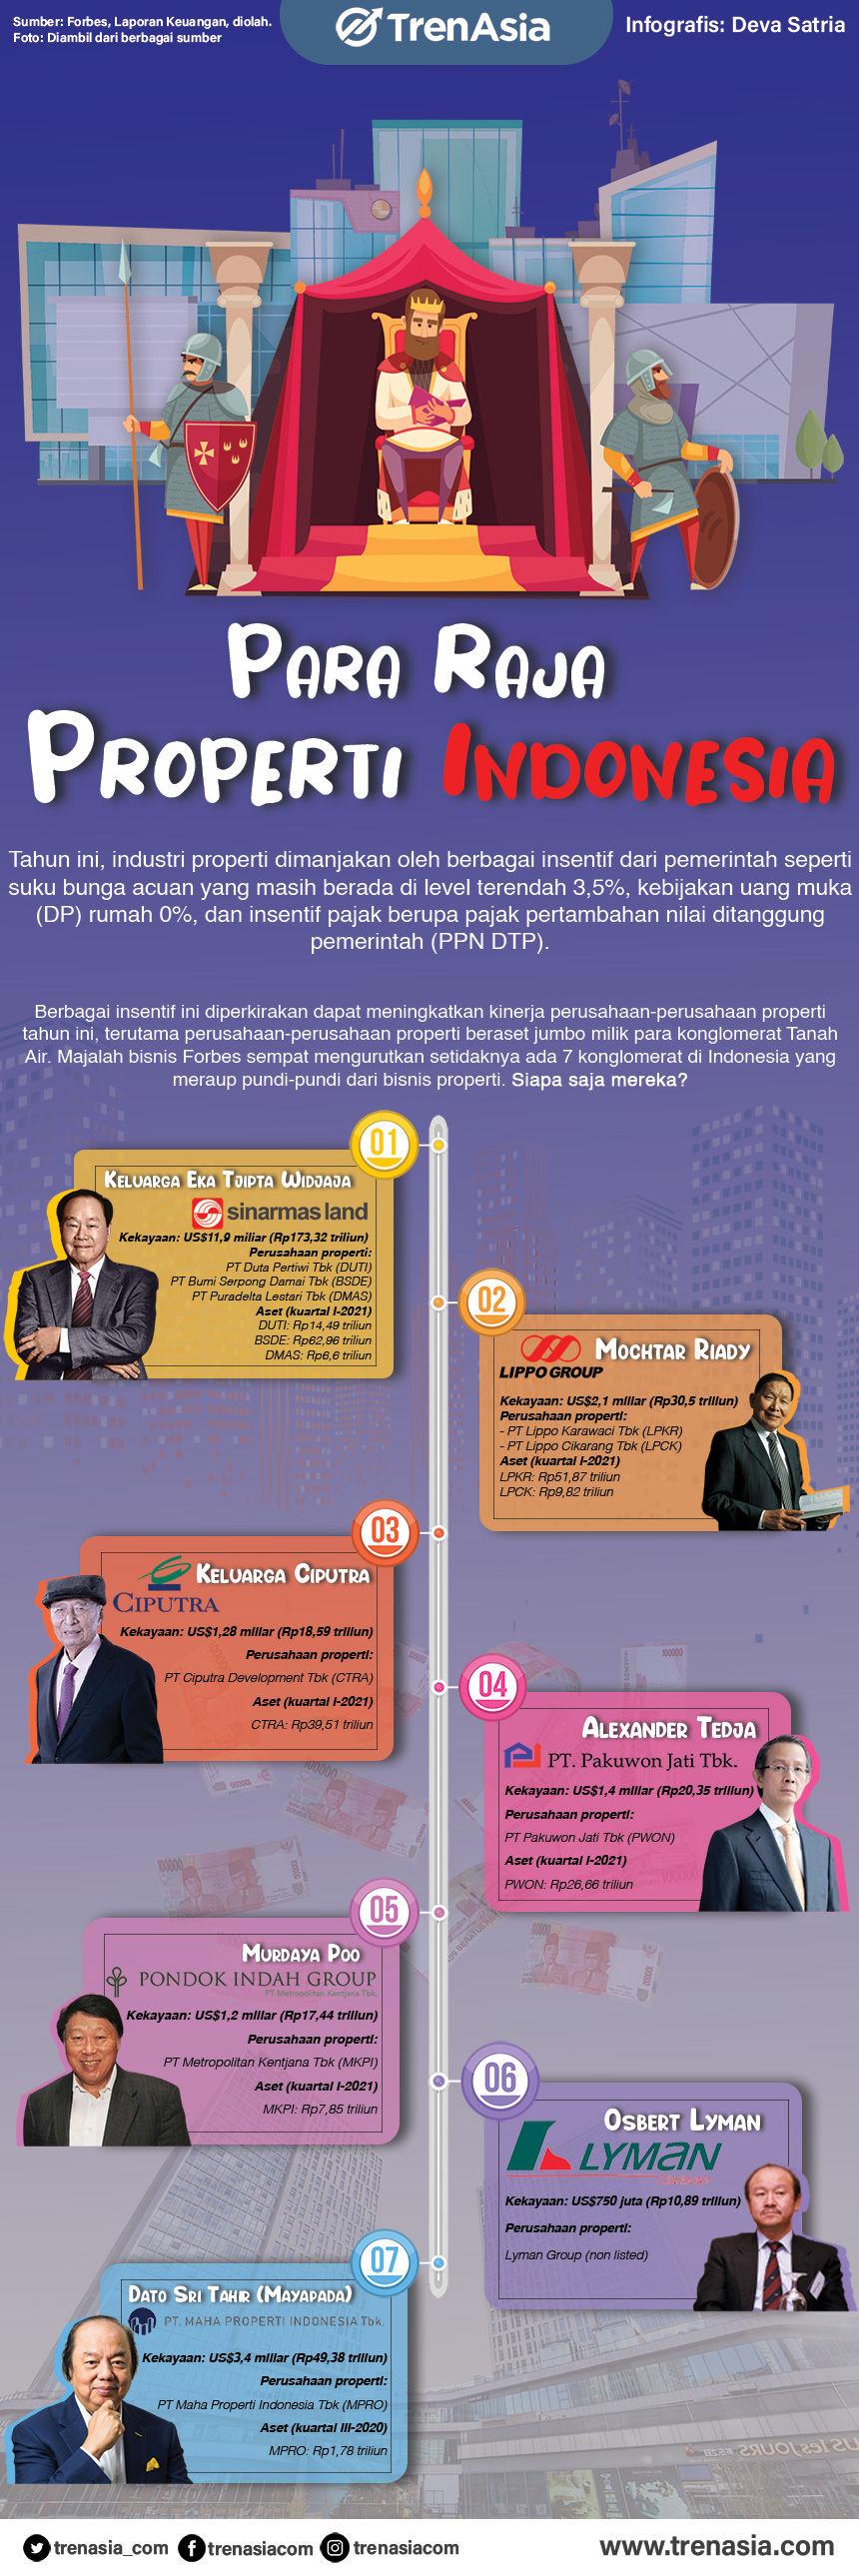 Raja Properti Indonesia_revisi.jpg